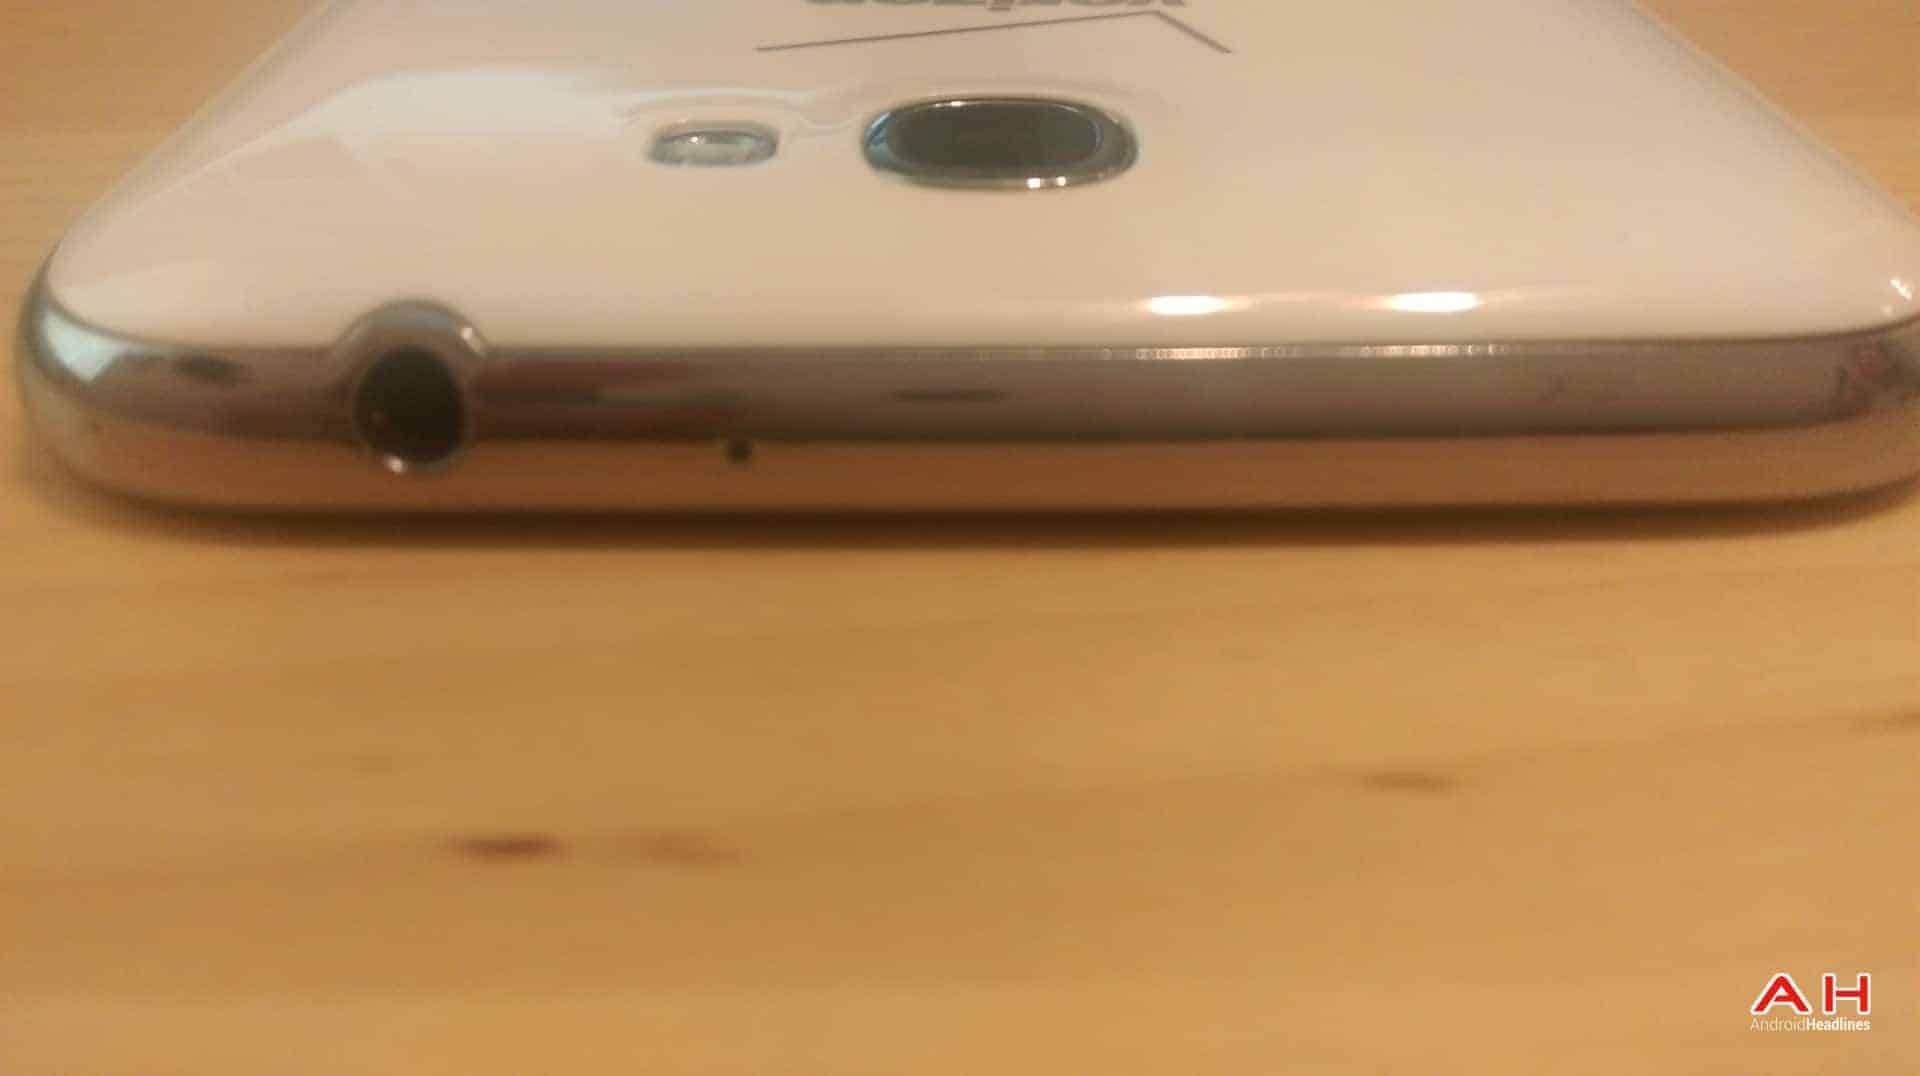 AH Galaxy Note II 7